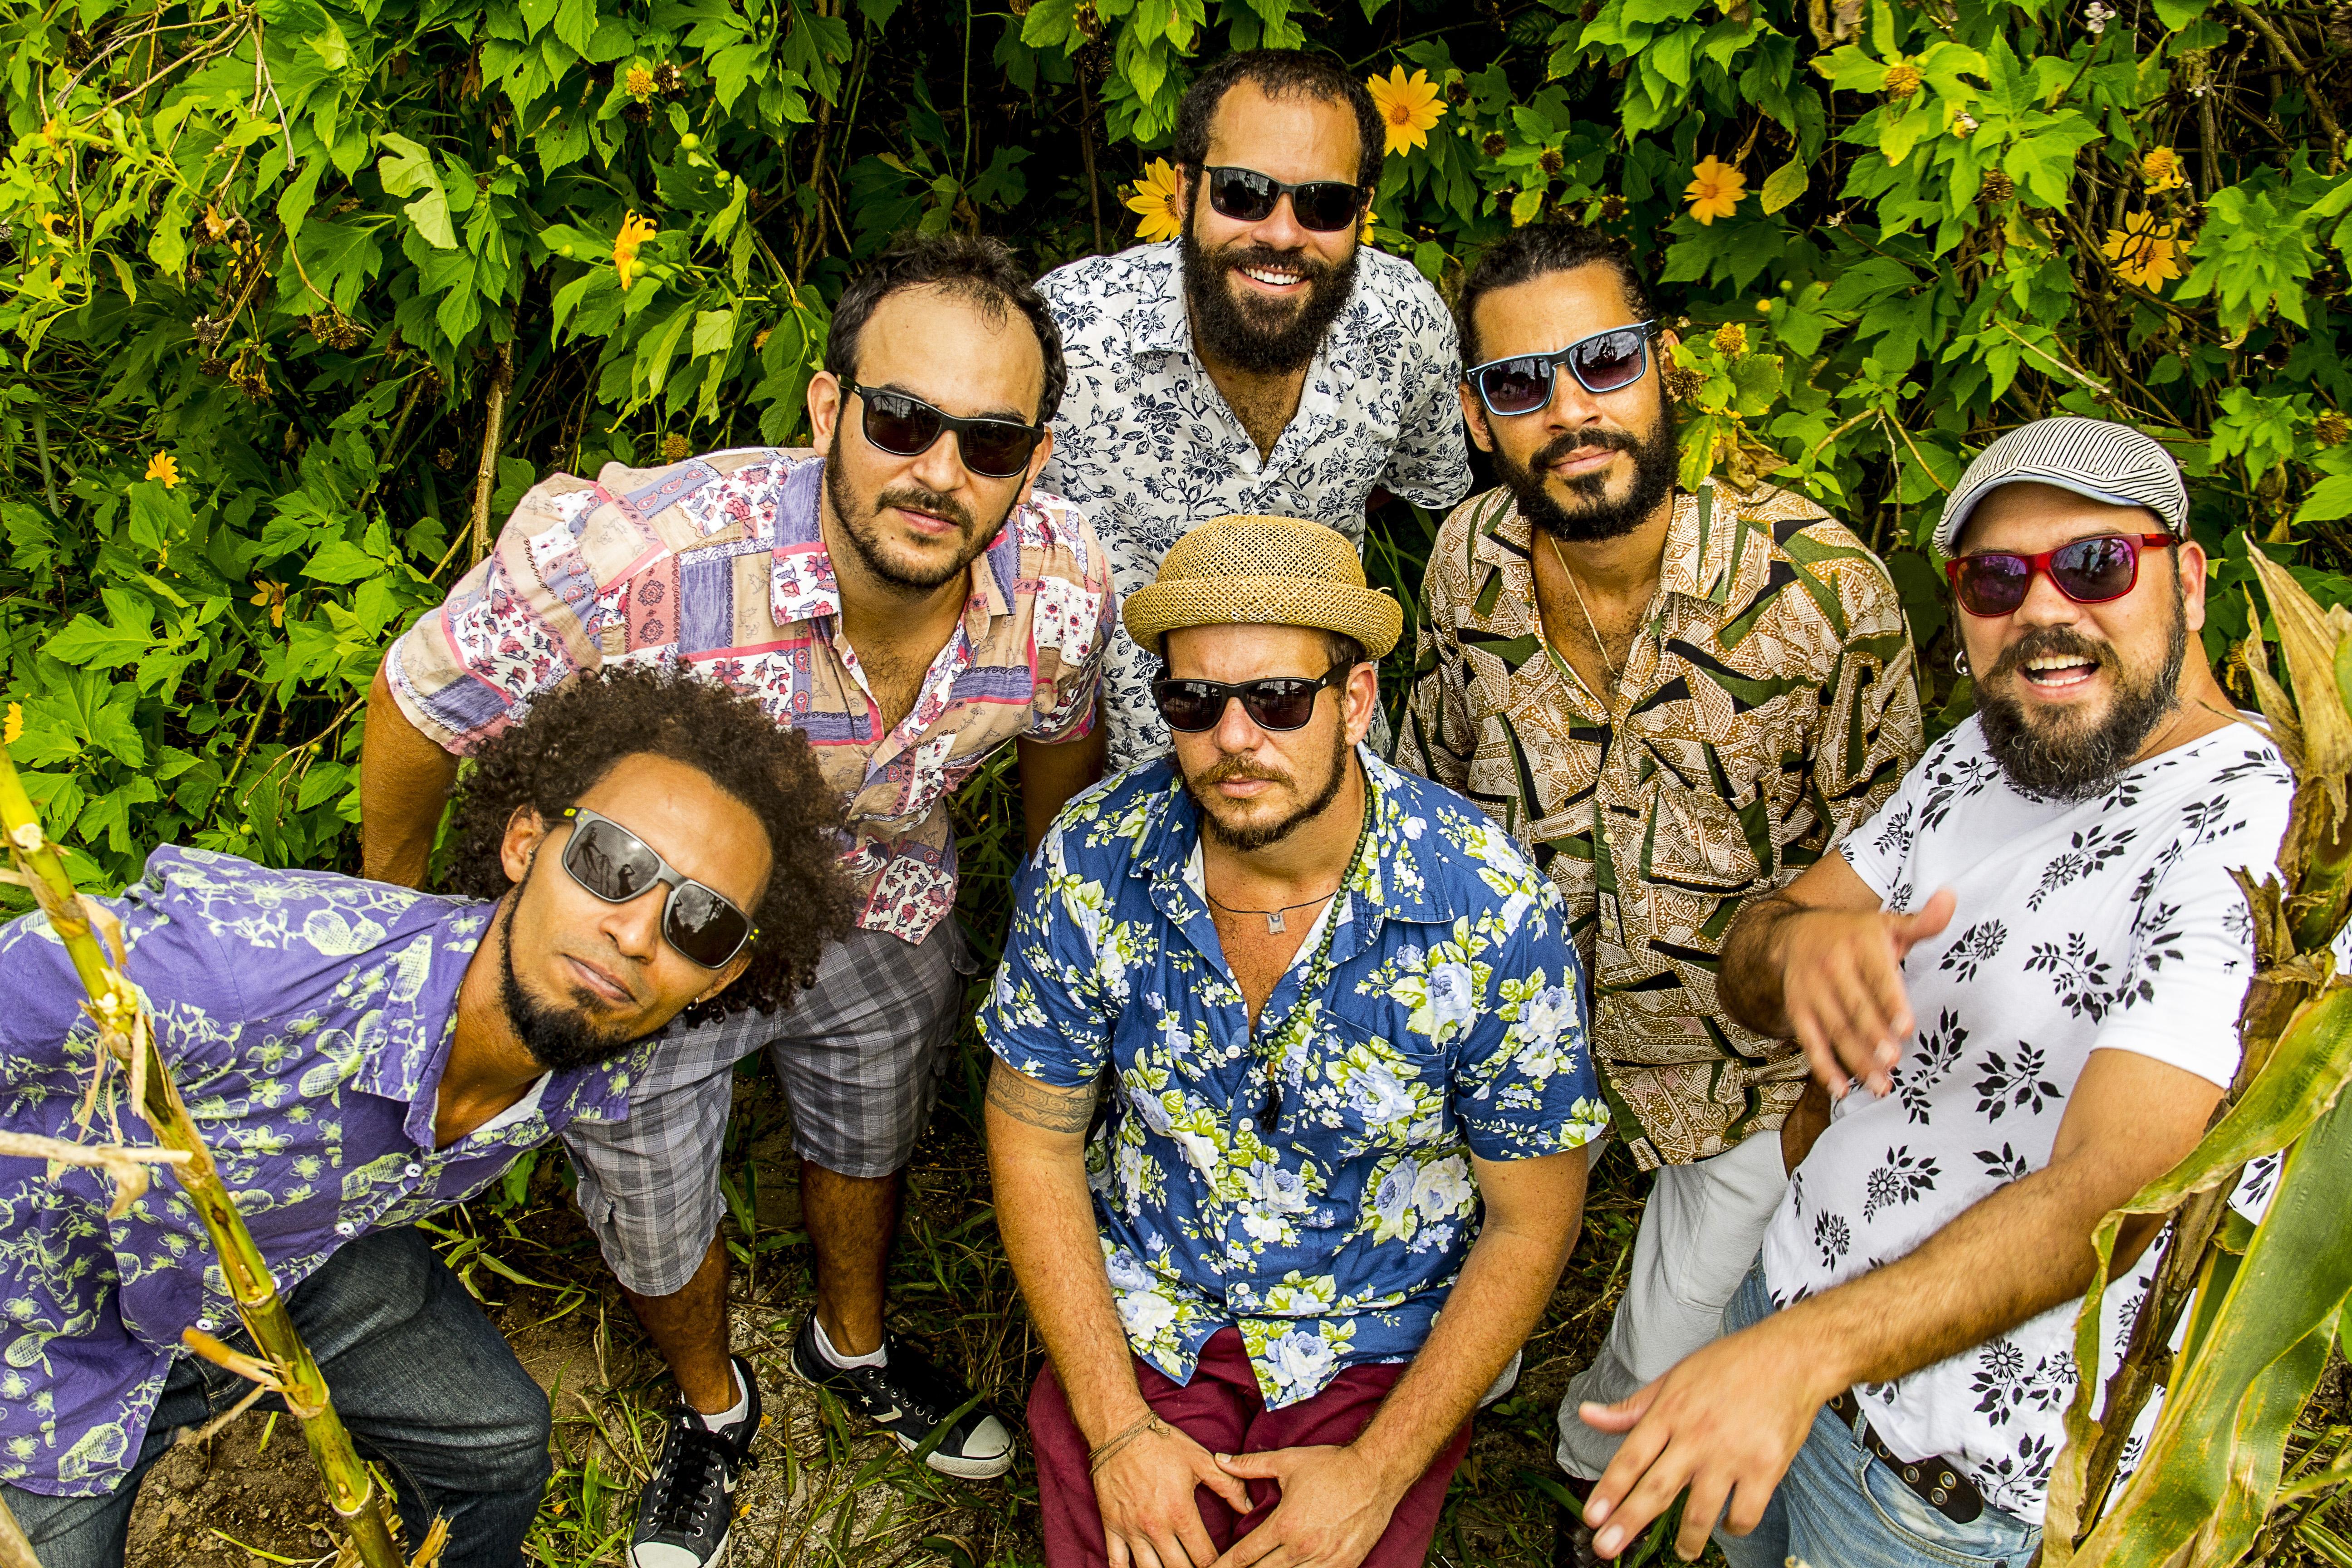 Skarimbó lança primeiro disco neste sábado na Praia dos Artistas